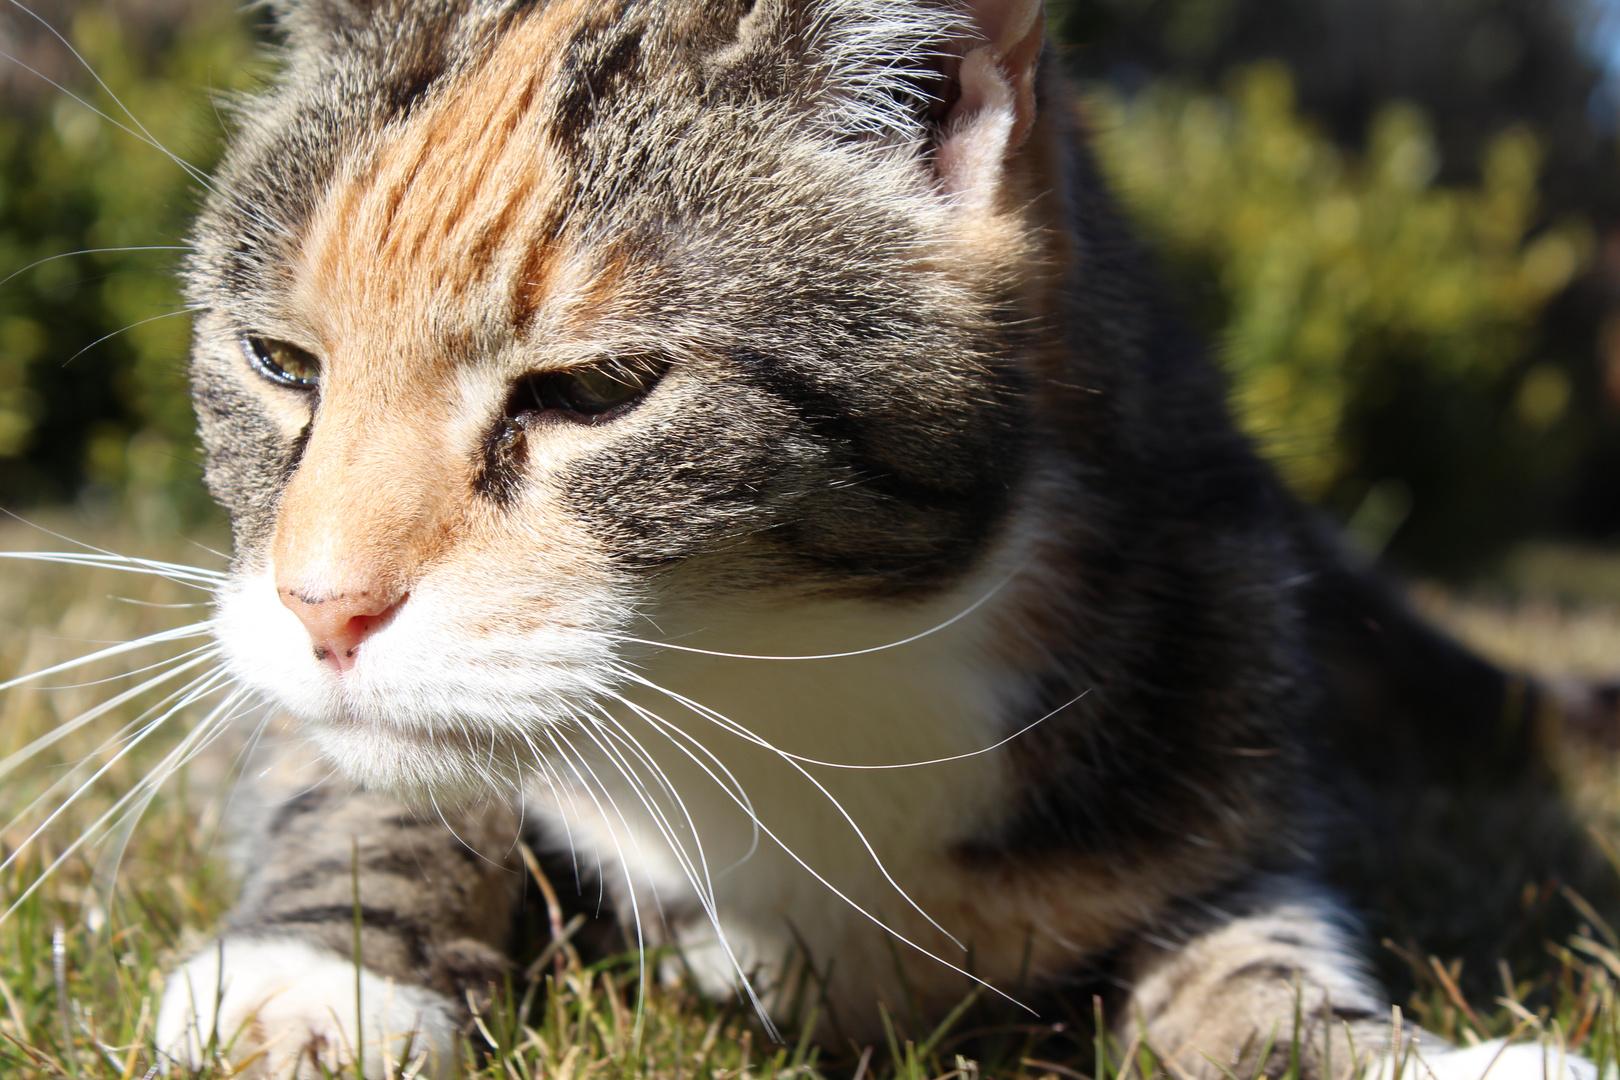 Unsere Katze nutzt die Sonne auch aus